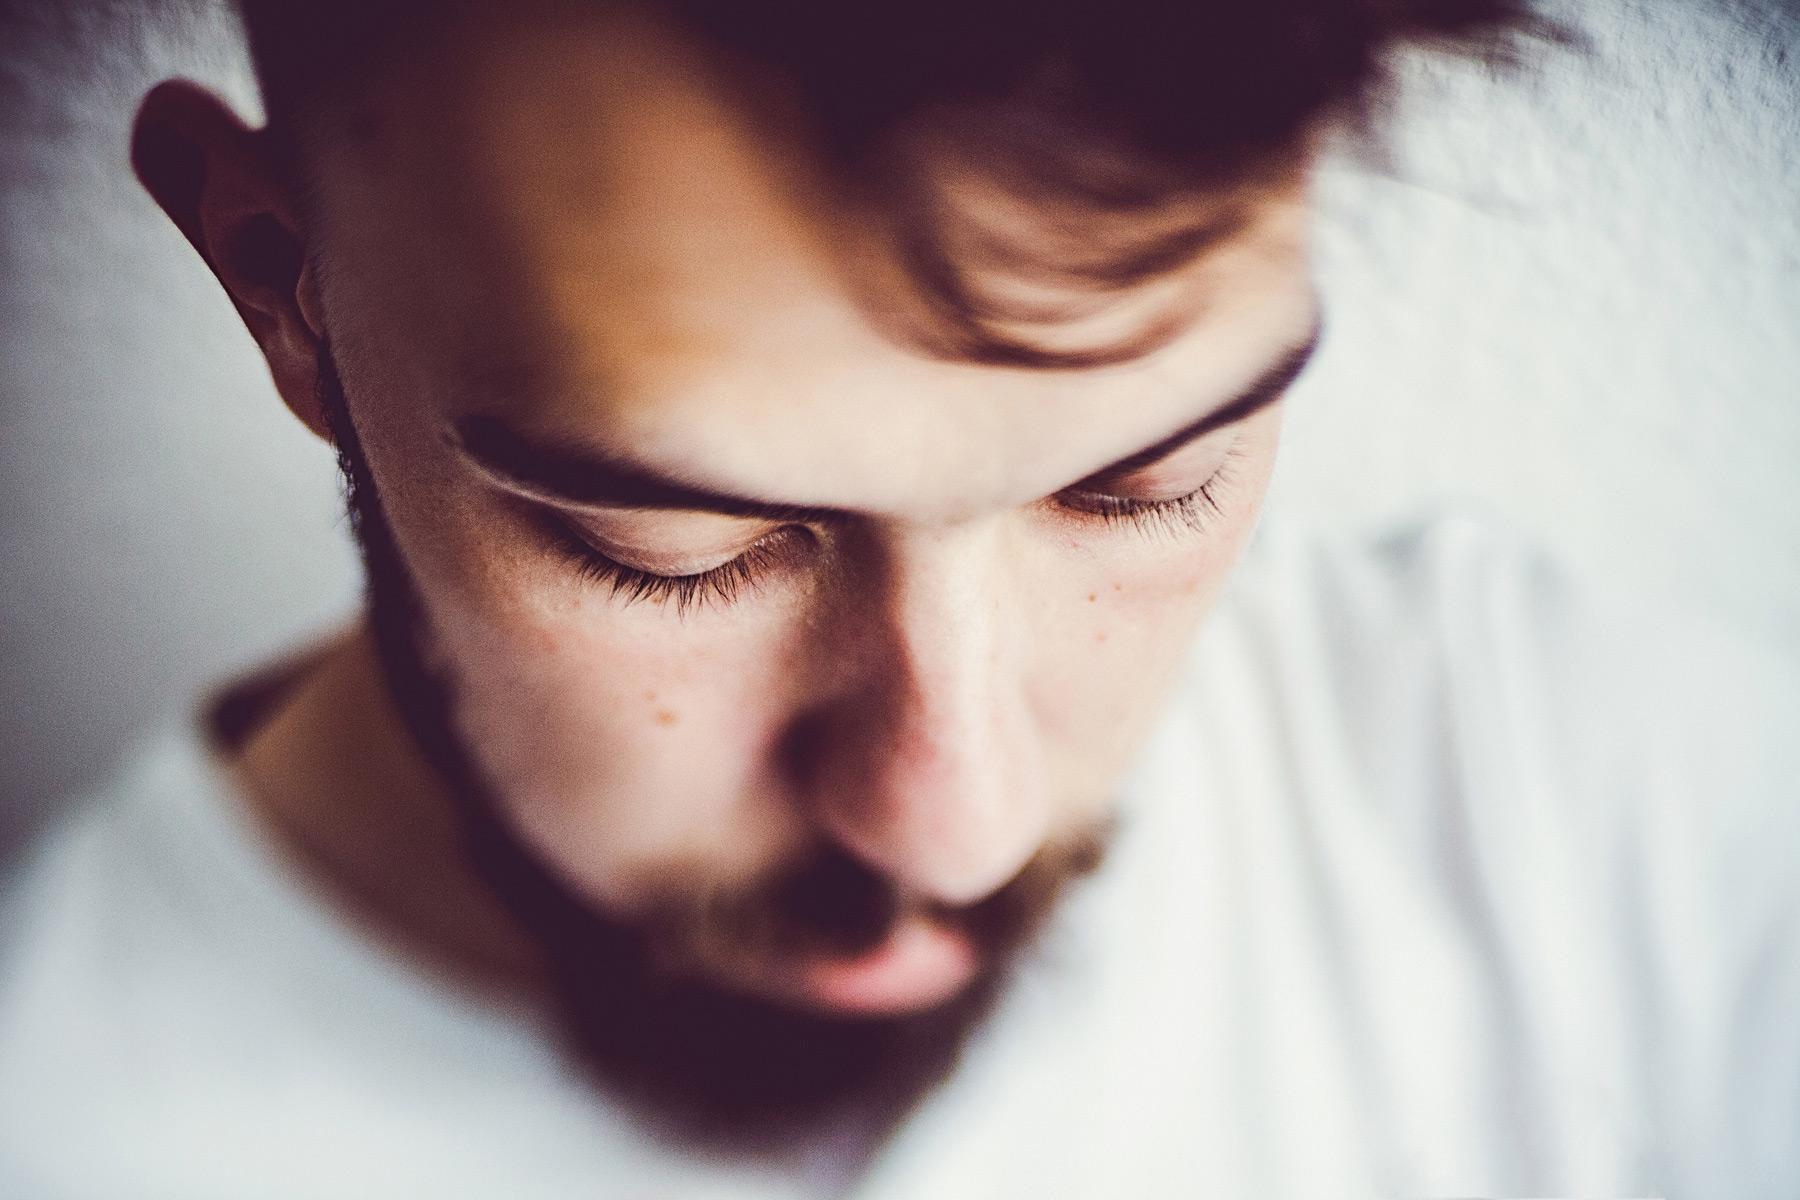 junger Mann blickt gedankenverloren zu Boden